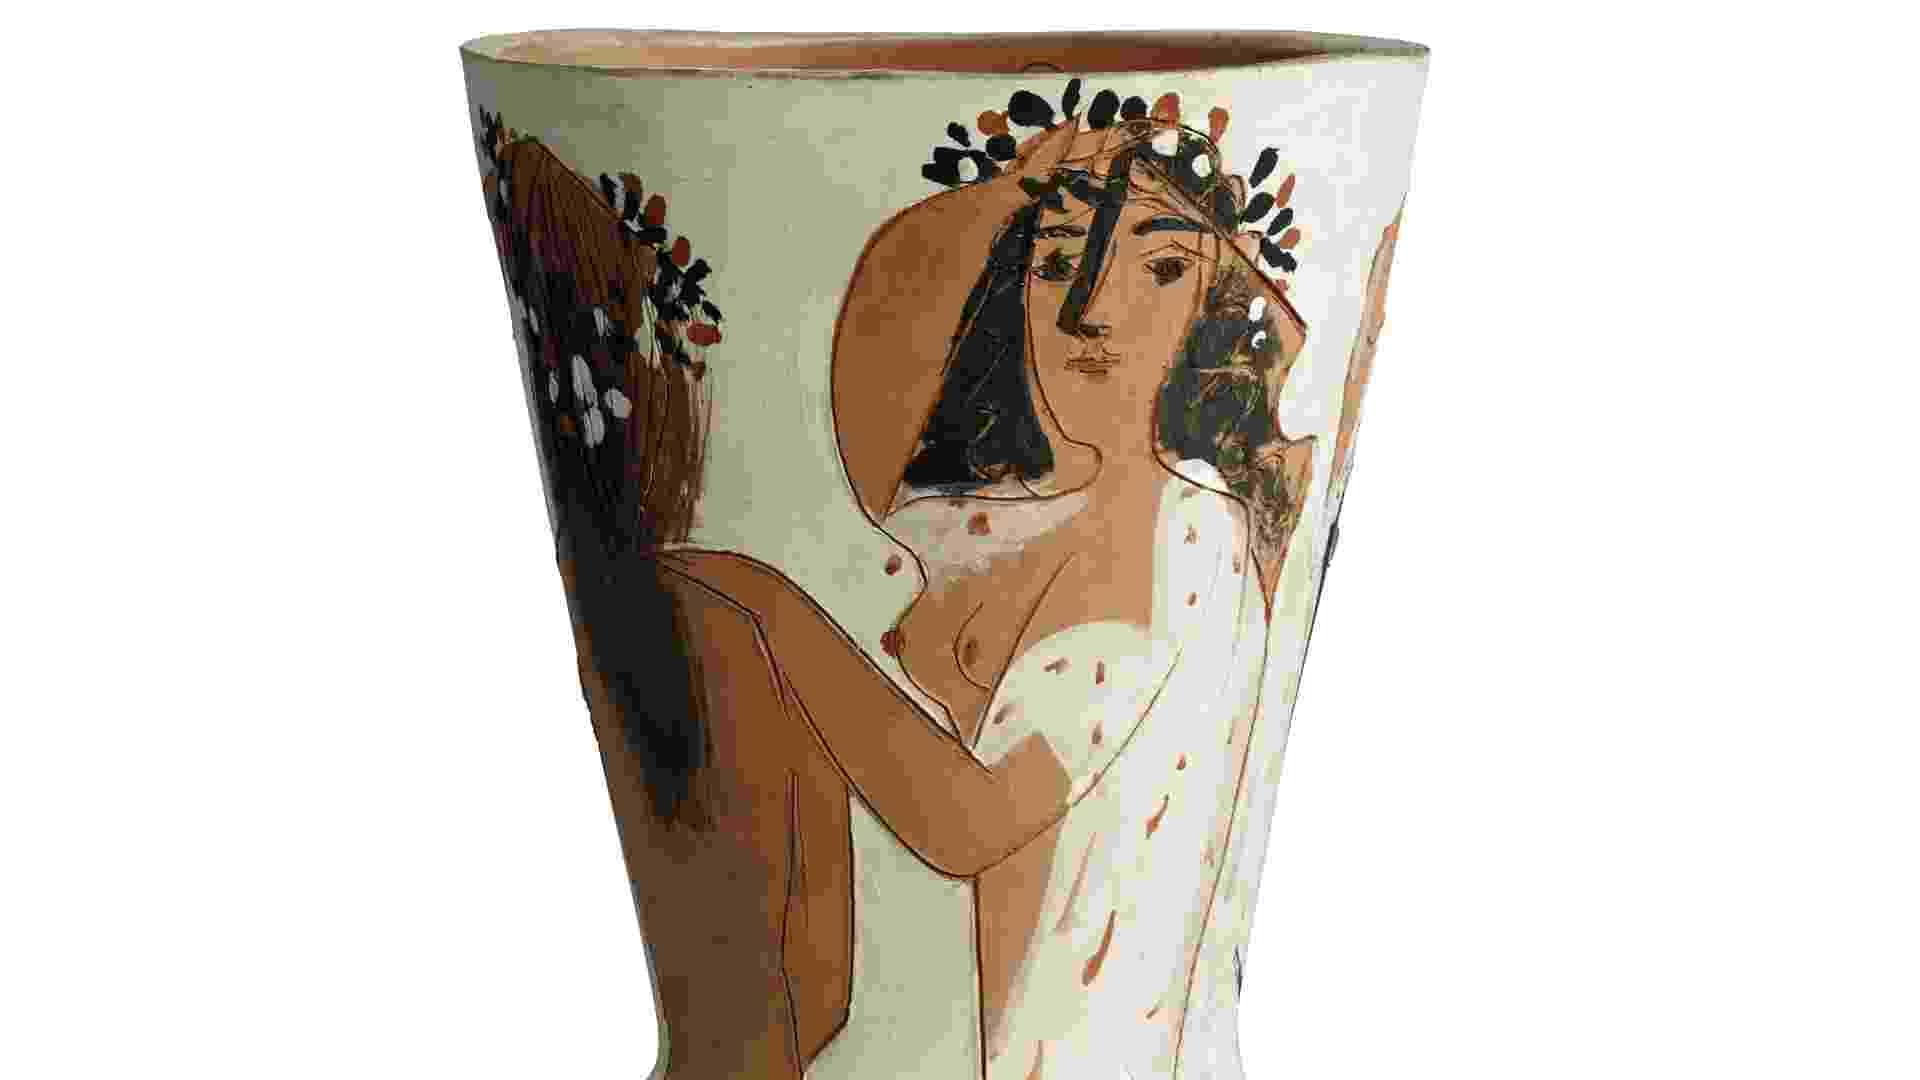 """A peça """"Grand Vase Aux Femmes Voiles"""", de Pablo Picasso, se transformou na cerâmica mais cara do artista espanhol ao ser arrematada por US$ 1,53 milhão, confirmou a casa Christie's no dia 20 de junho de 2013 - EFE"""